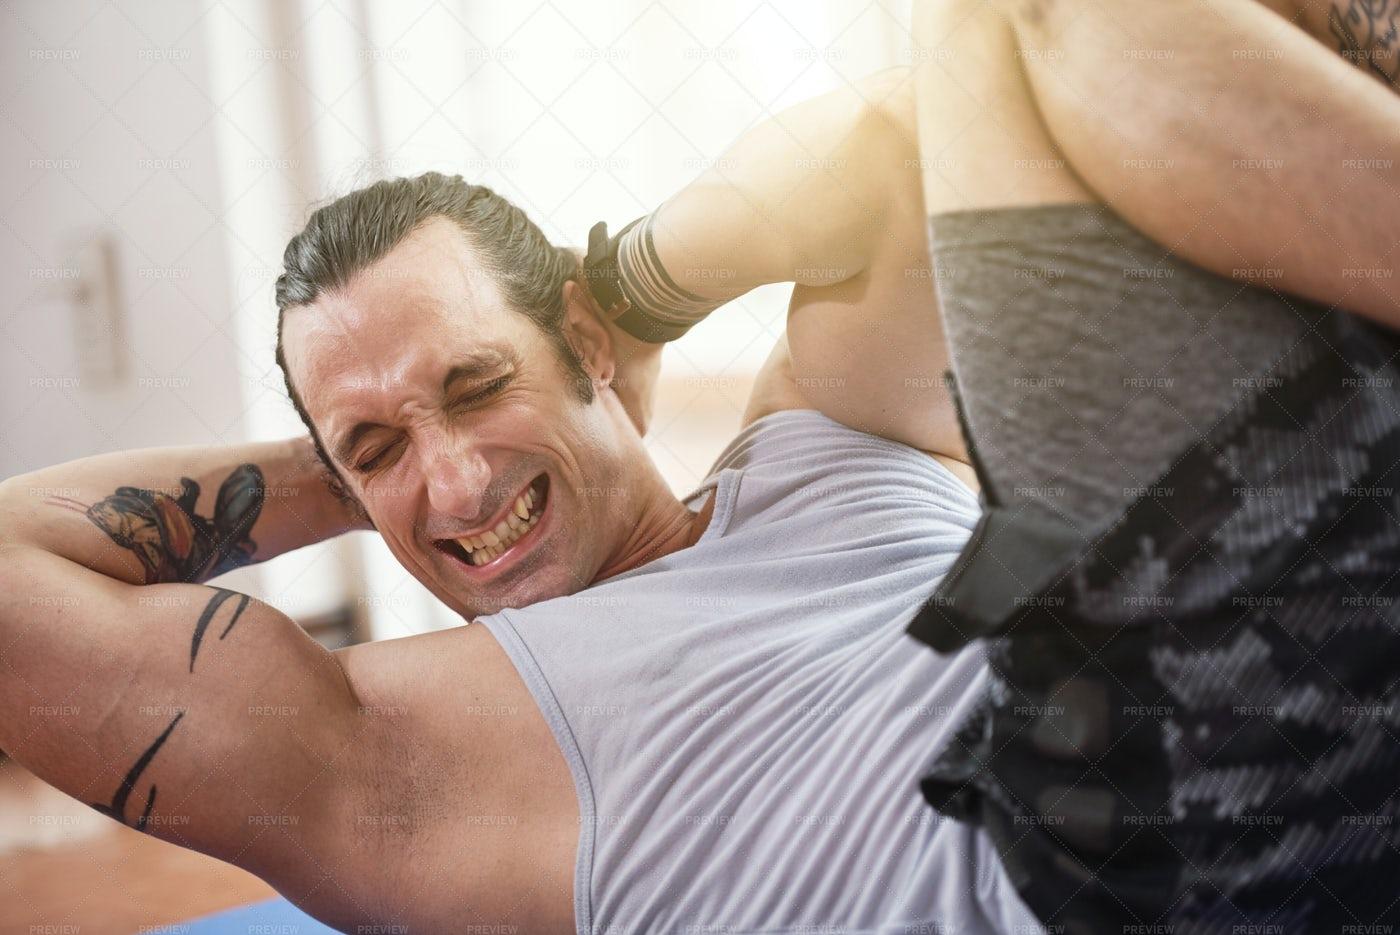 Man Struggles To Do Sit-ups: Stock Photos